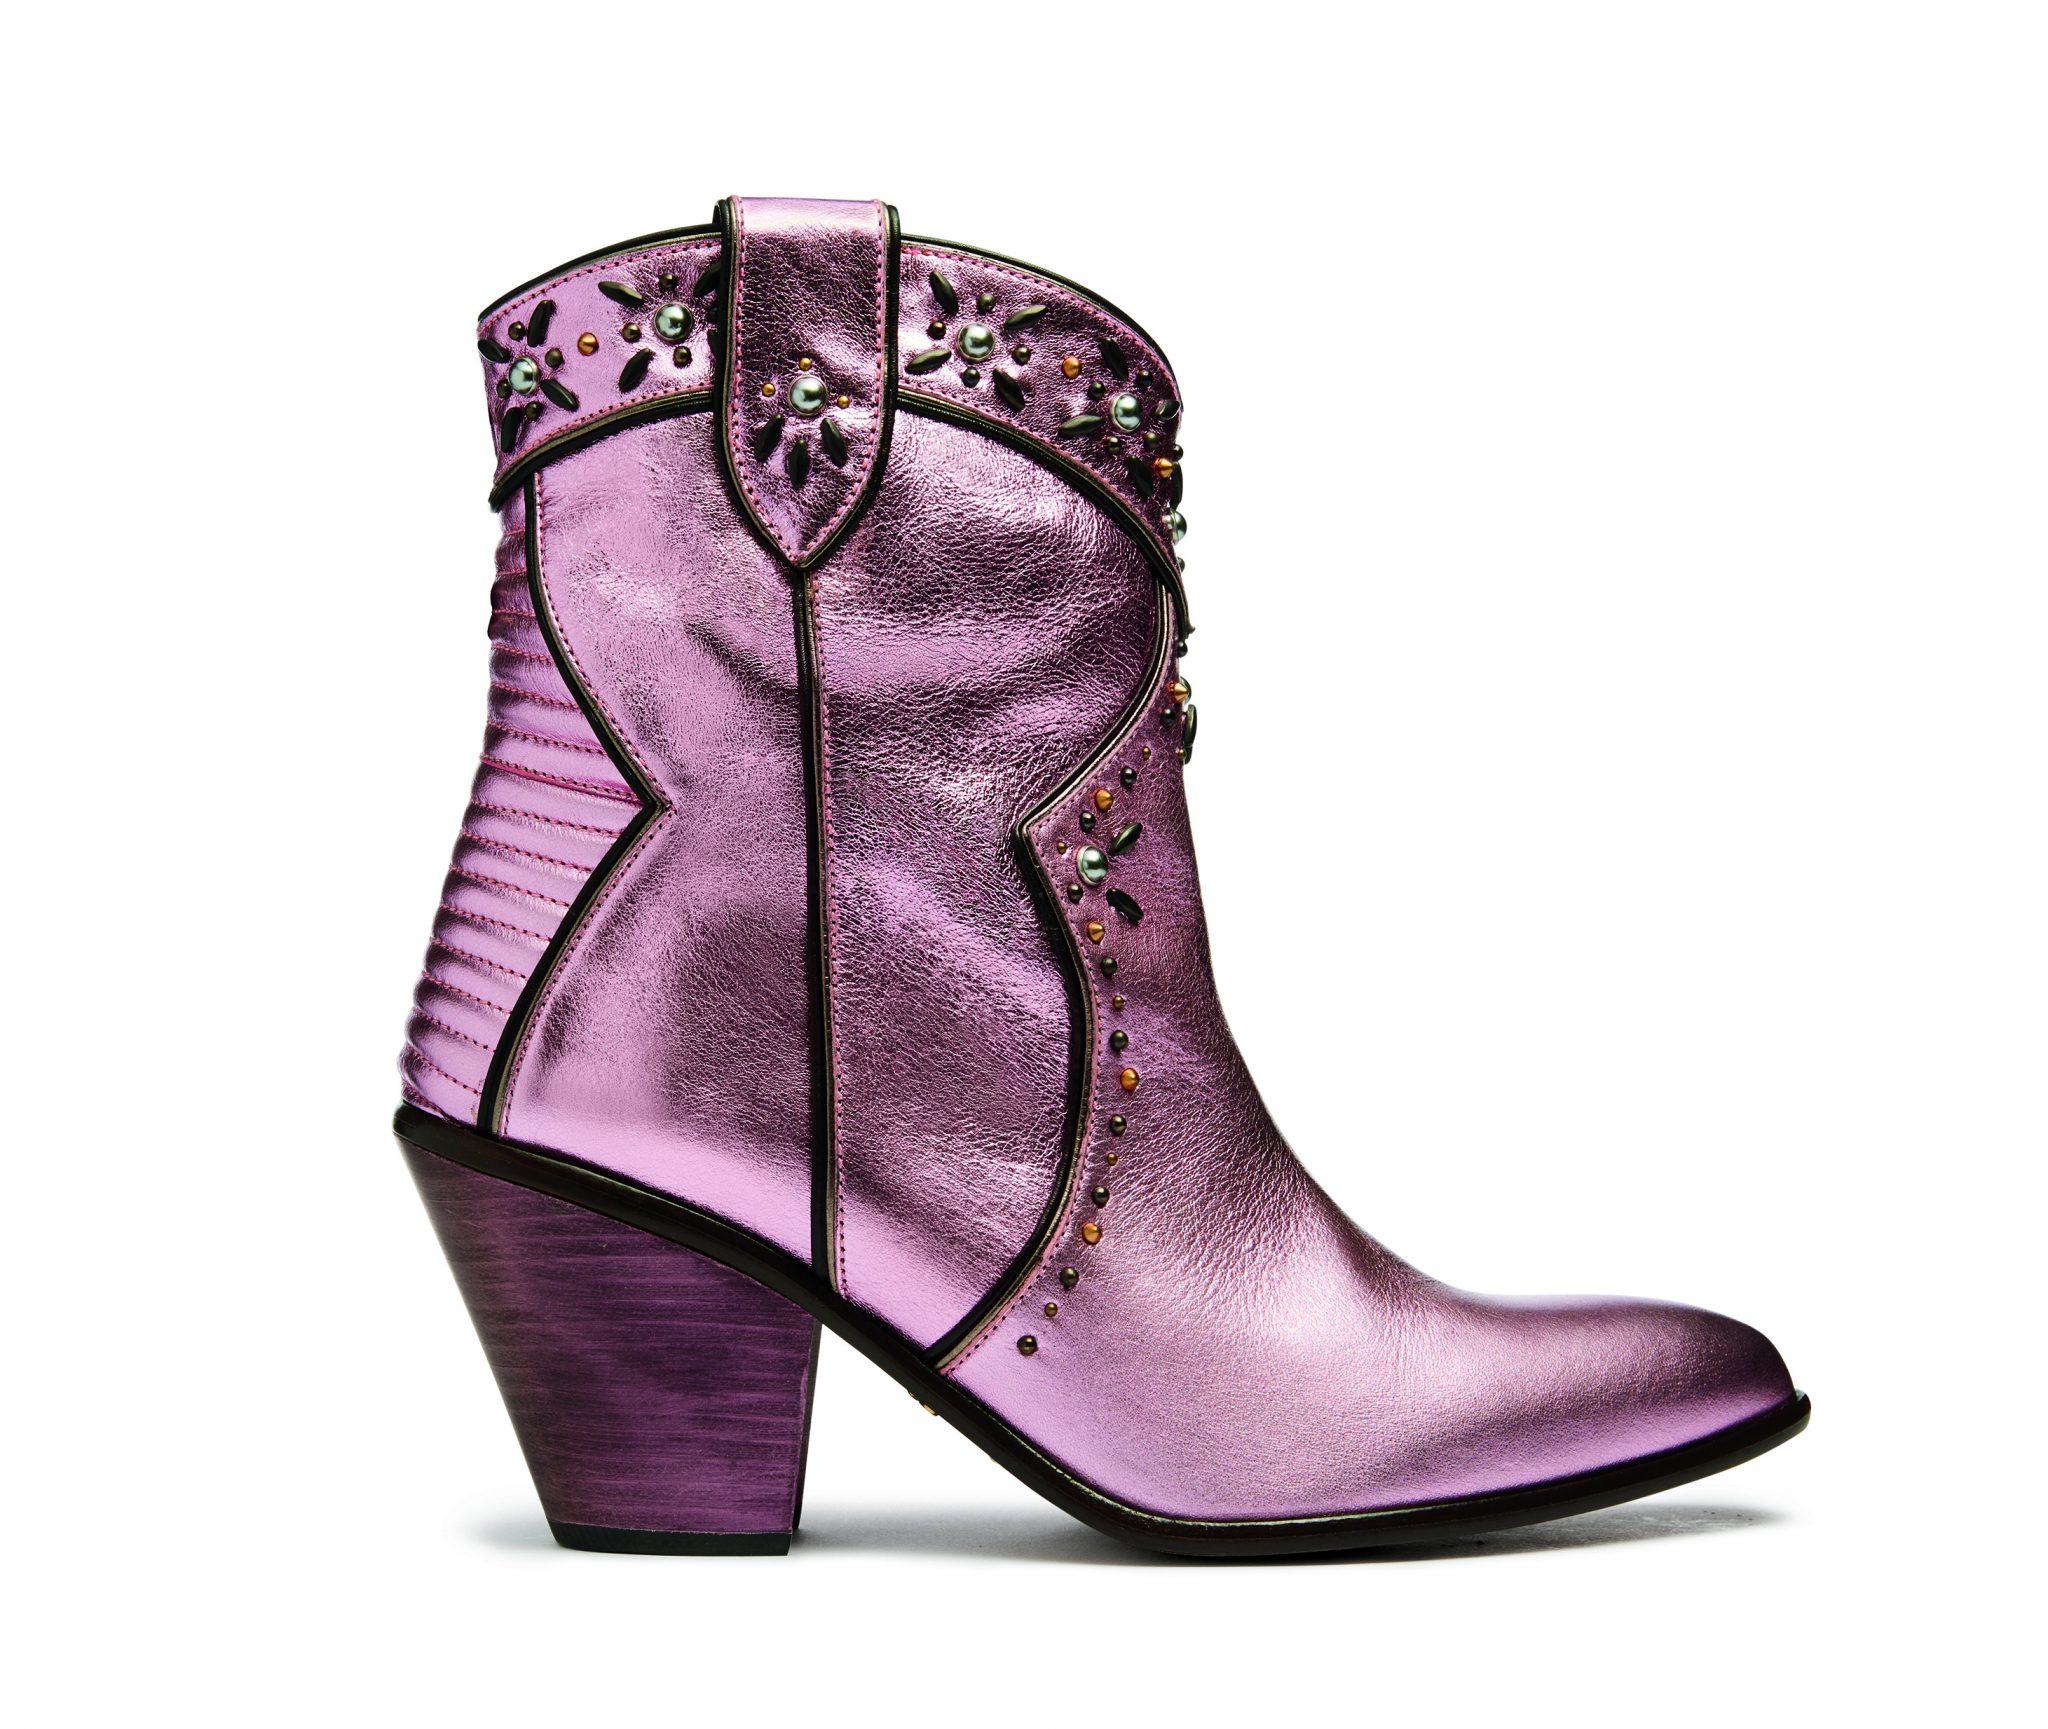 Violetter metallic glänzender Cowboystiefel mit Verziehrungen für Damen.